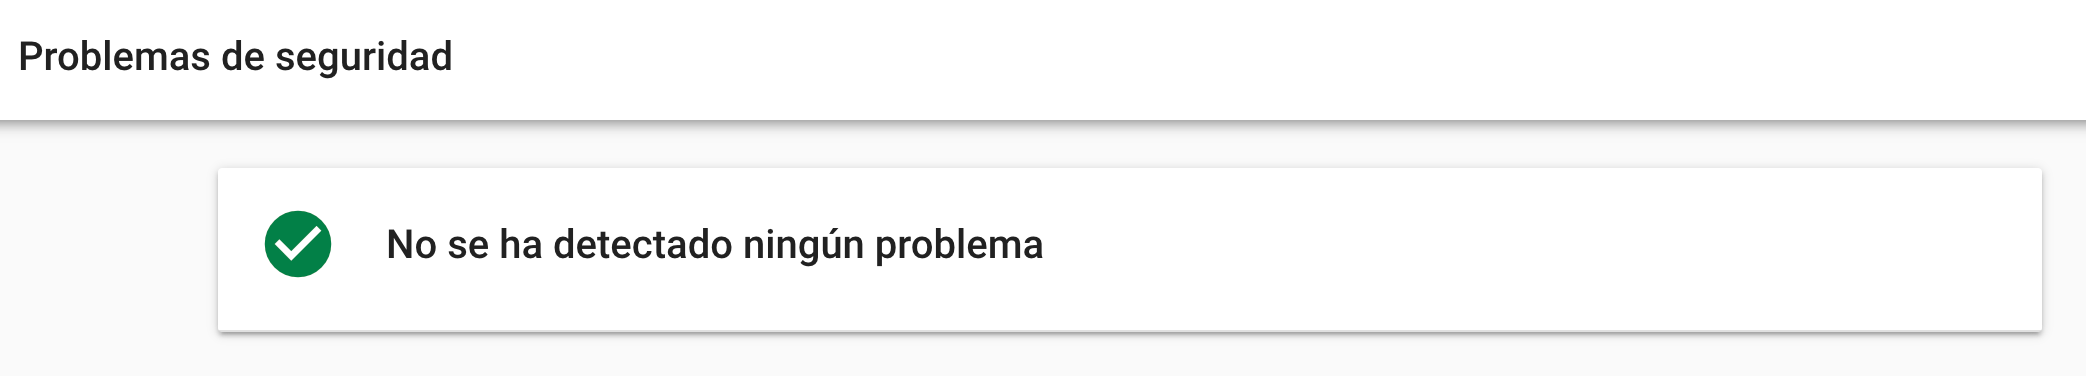 Google Search Console problemas de seguridad